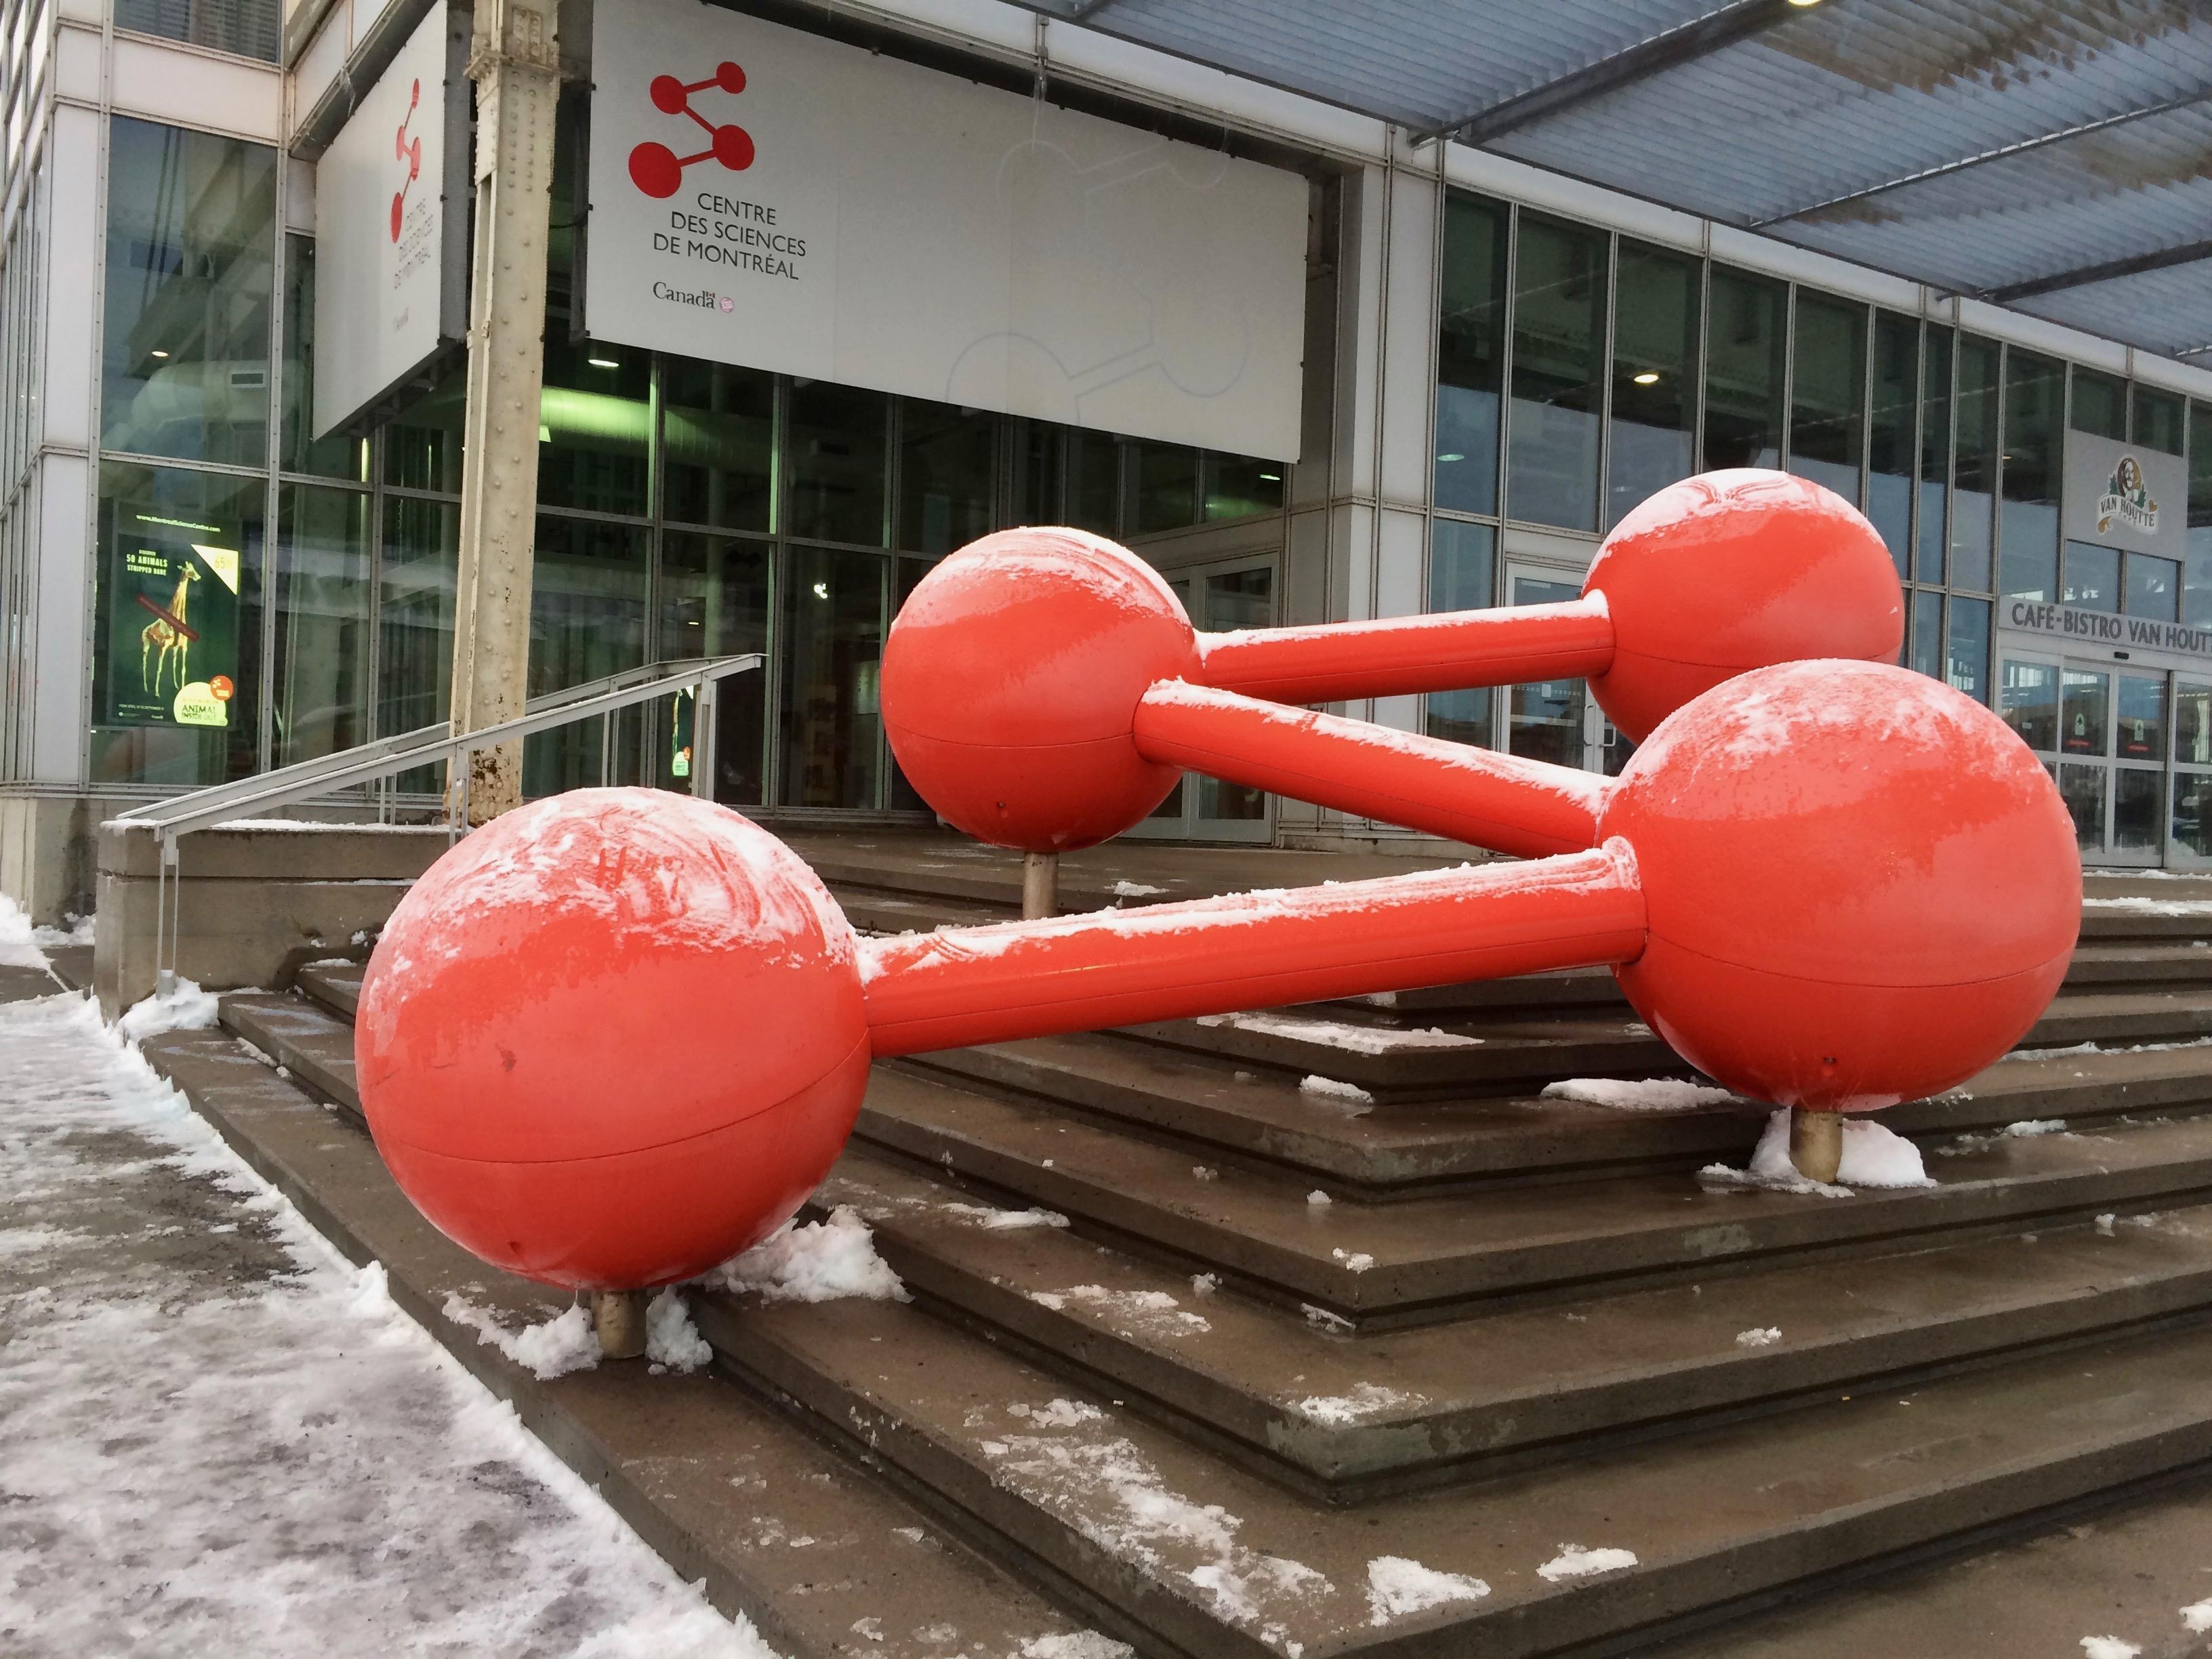 Une sortie au Centre des Sciences de Montréal